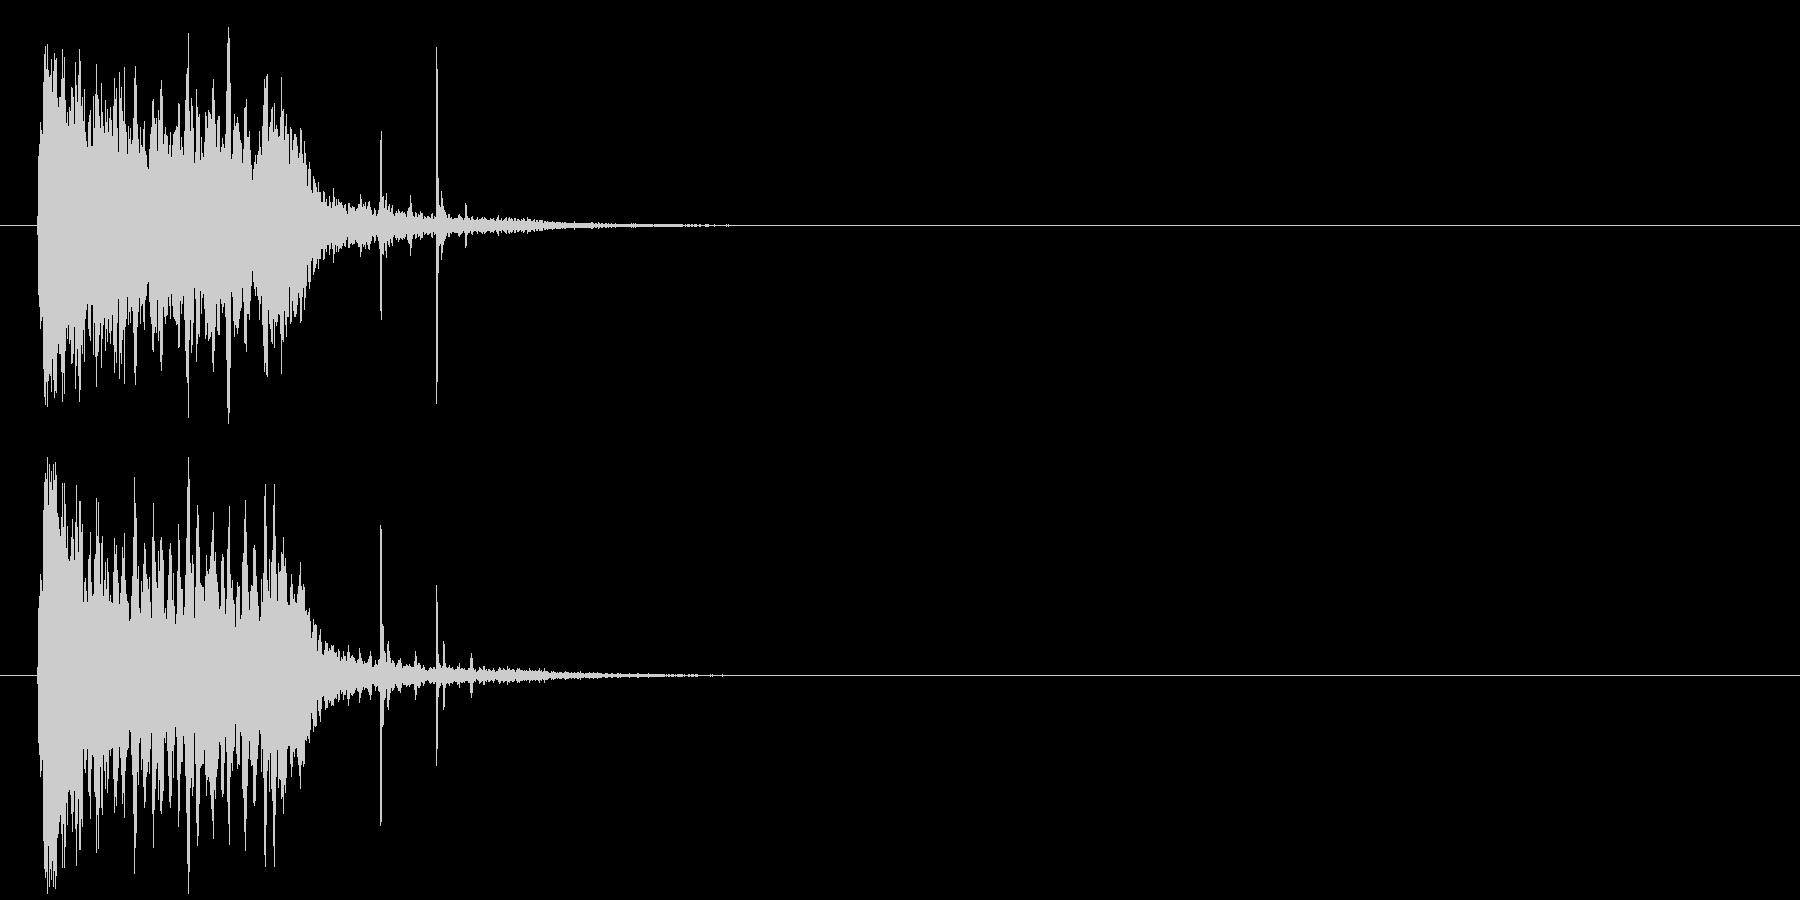 ズッコケ 場面転換 コミカル コントの未再生の波形